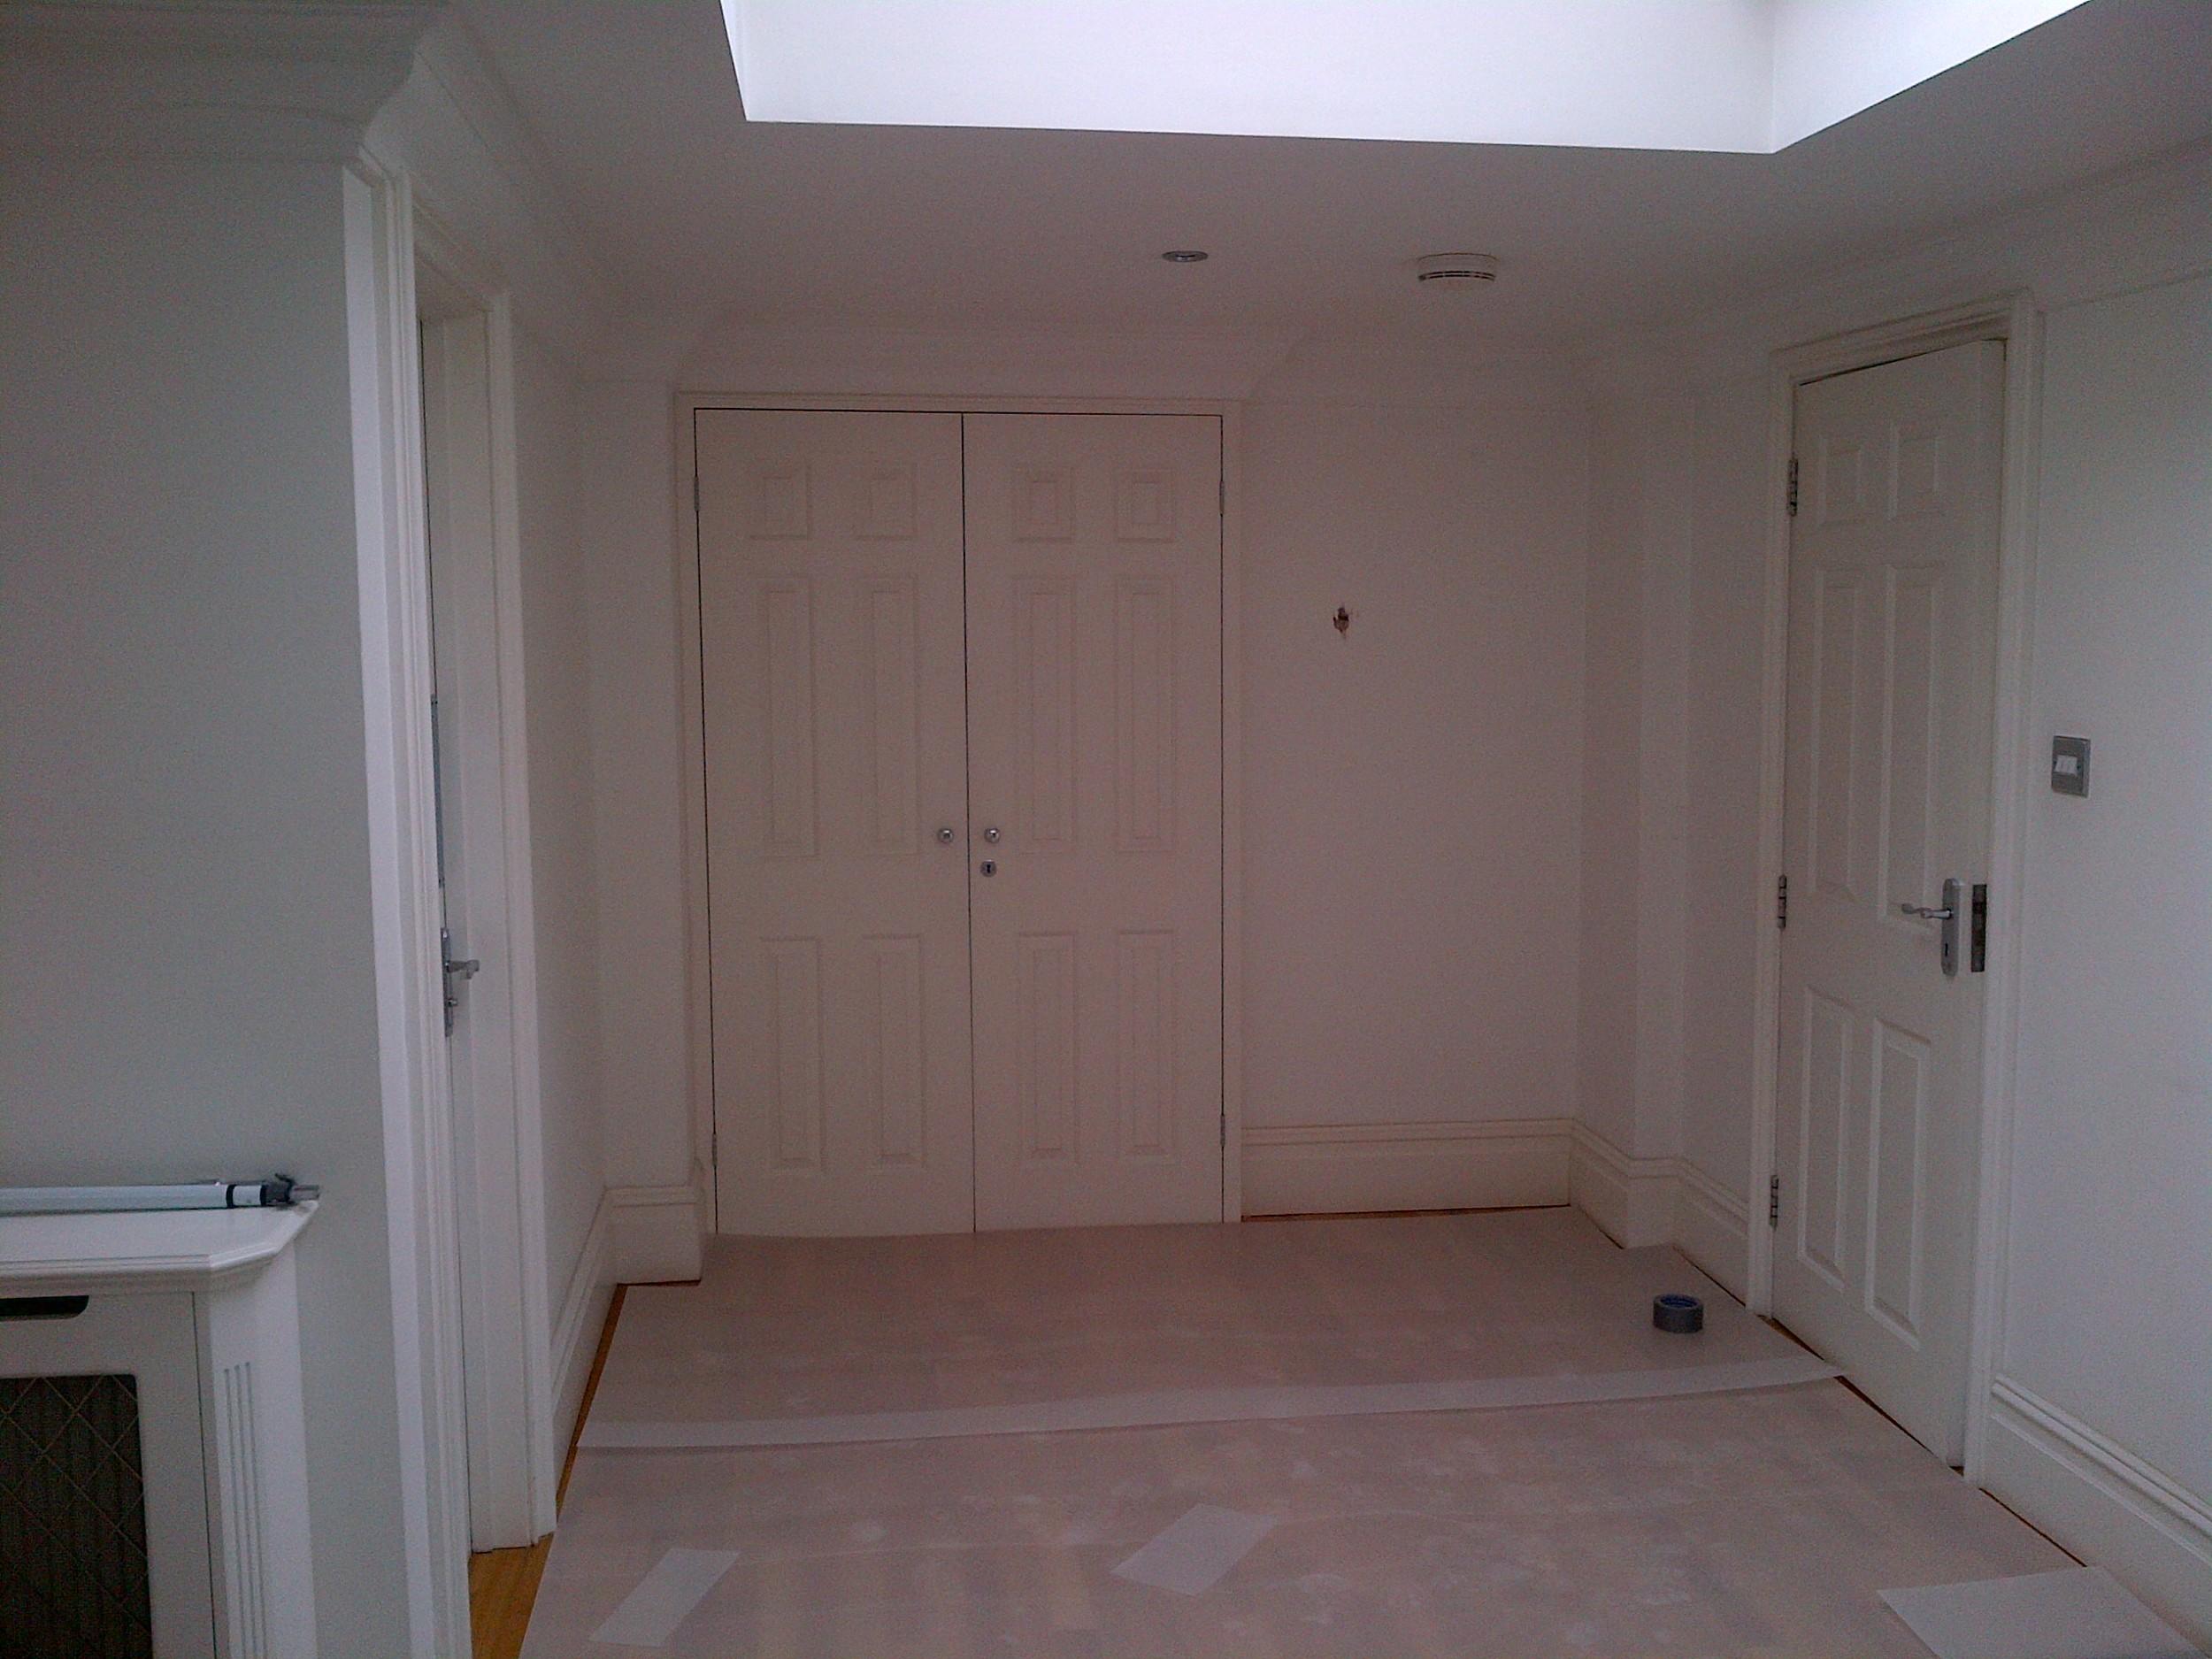 36 Lauderdale - Master bedroom - Before walking wardrobe.jpg